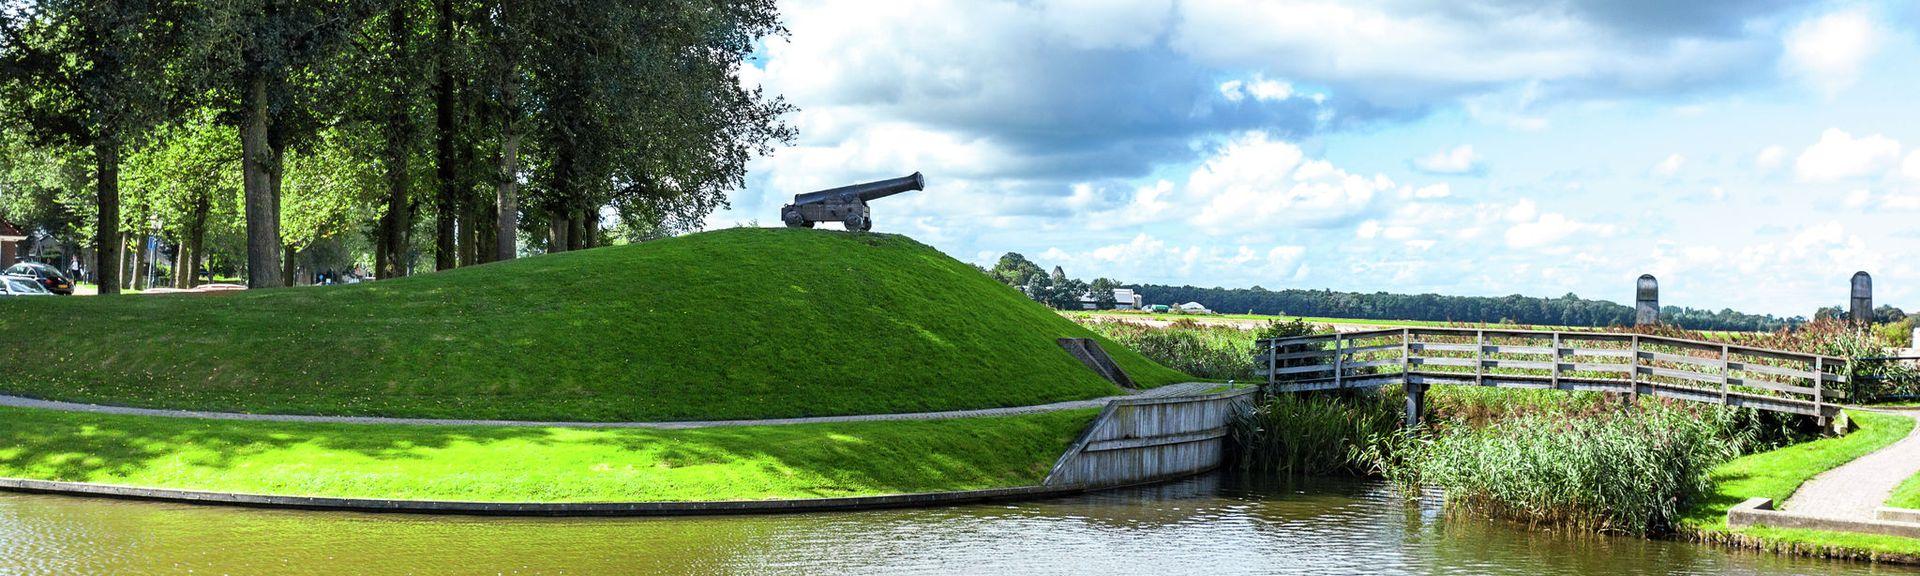 Langweer, Friesland, Niederlande